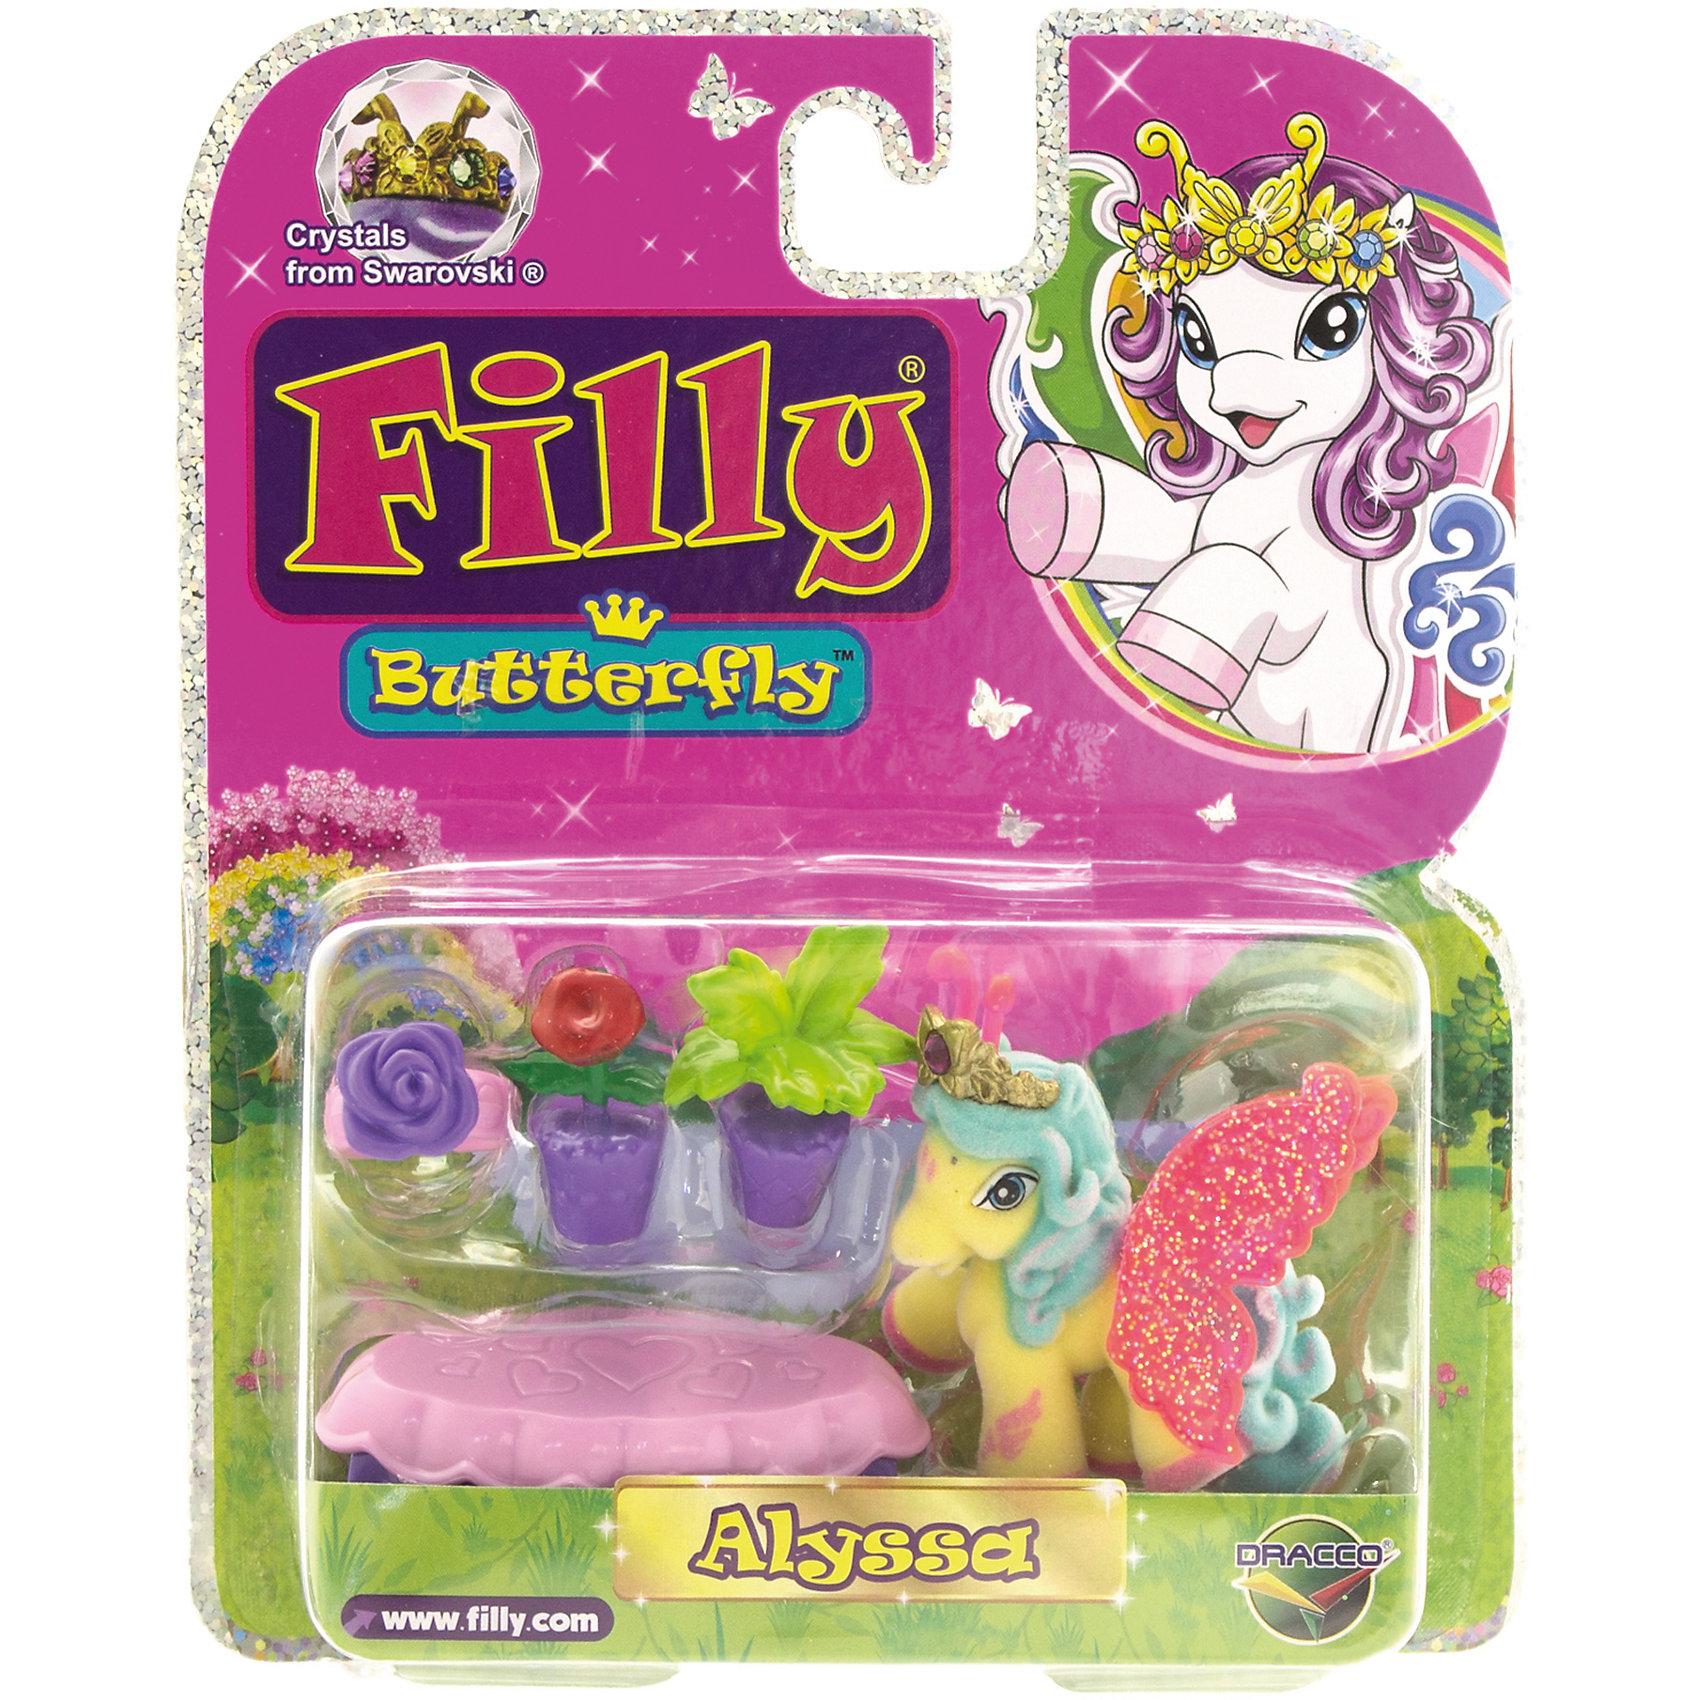 ������� � ������������ Alyssa, Filly, Dracco (-)